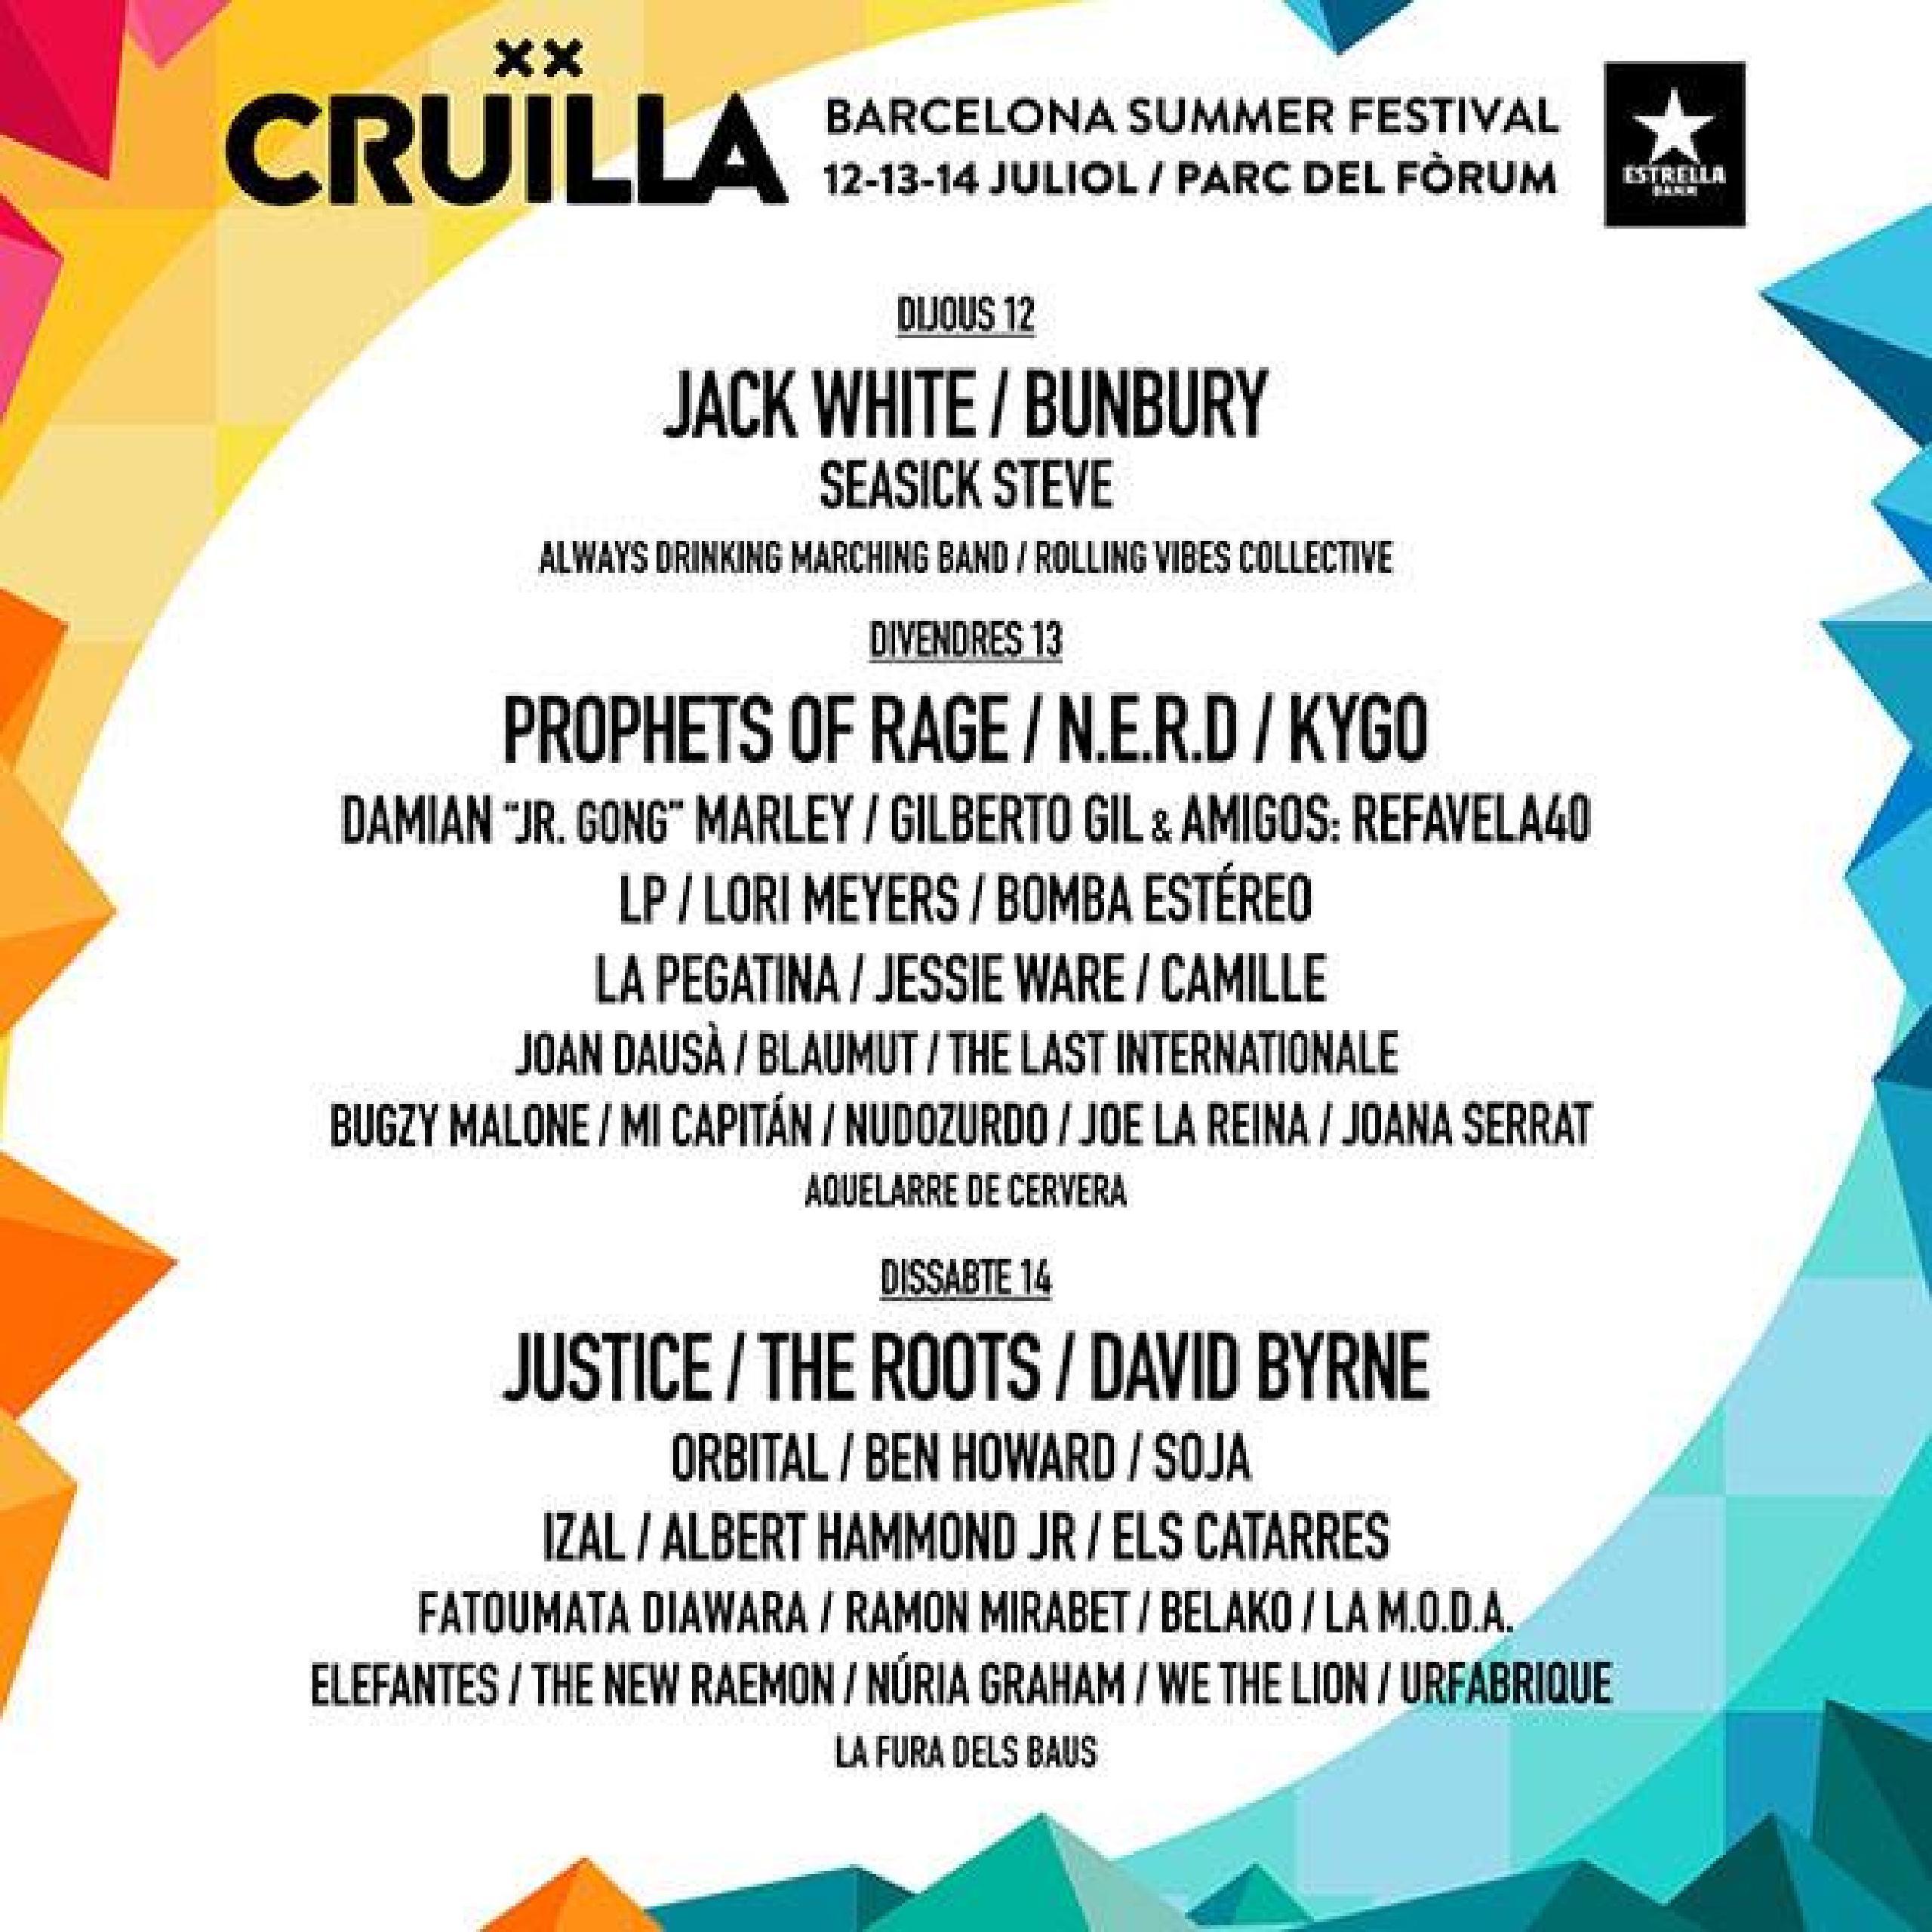 Cartel completo Festival Cruilla 2018 por días